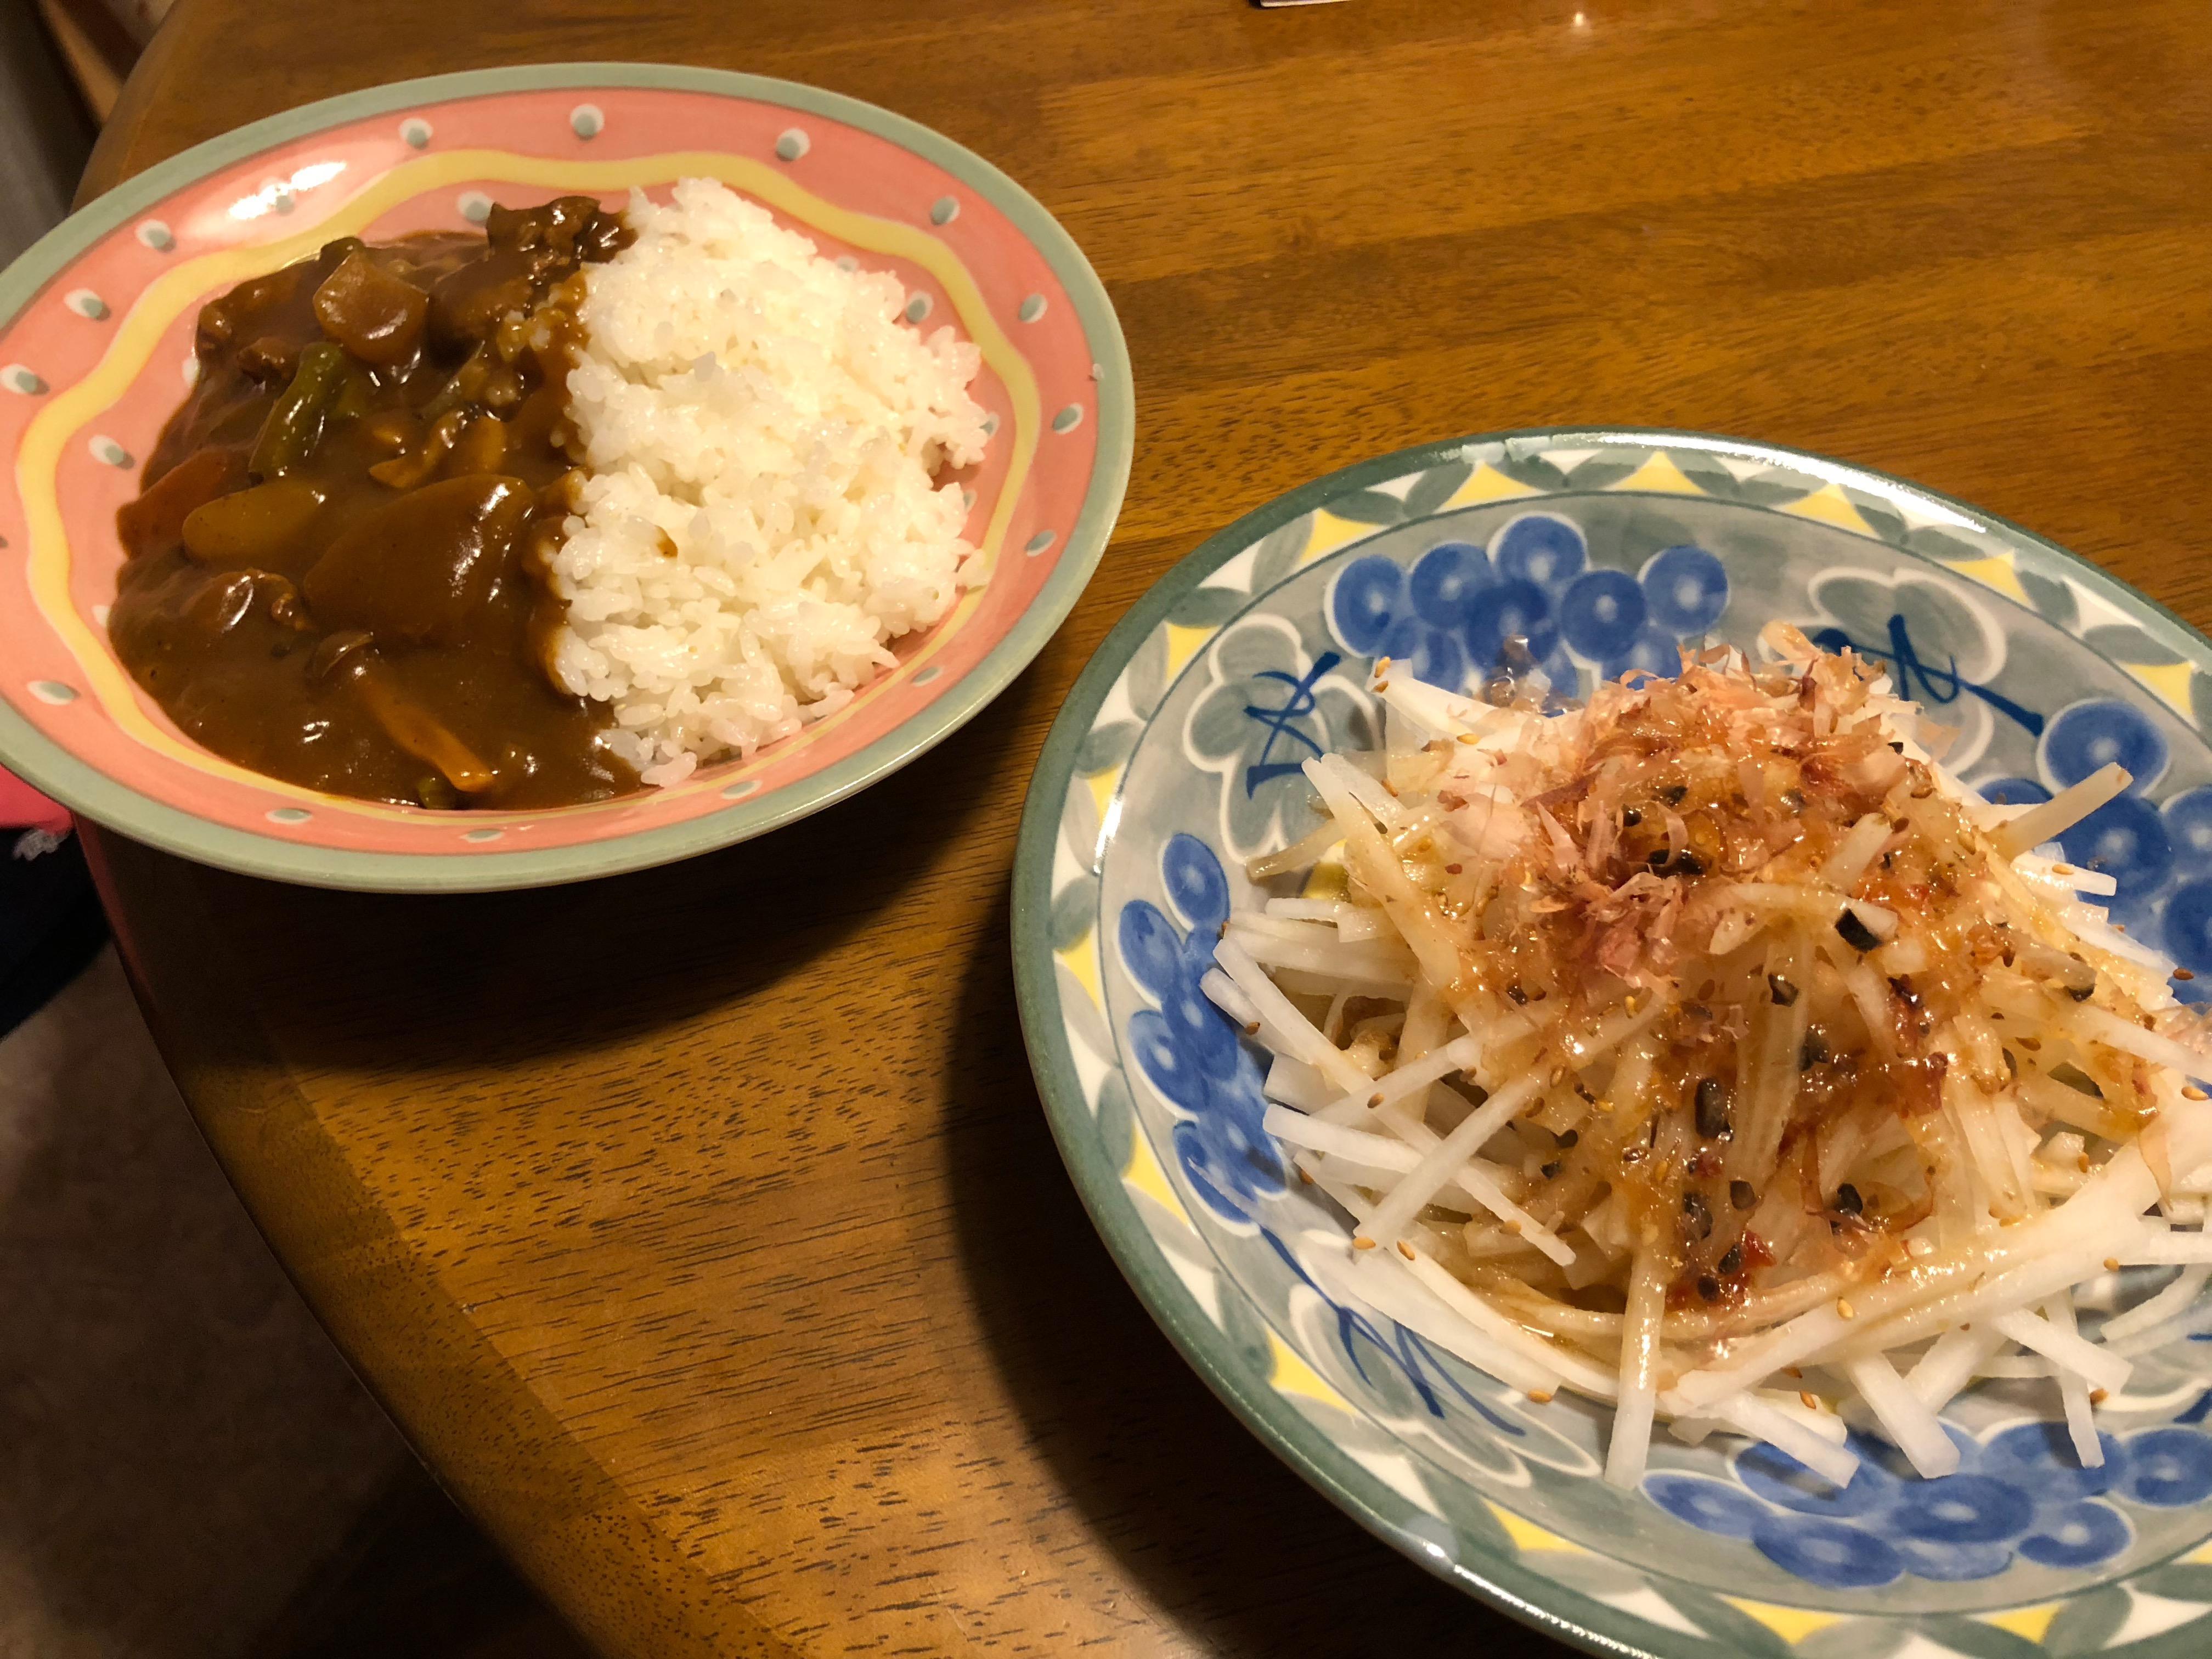 http://www.kozure-hitsuji.com/items/IMG_0186.JPG